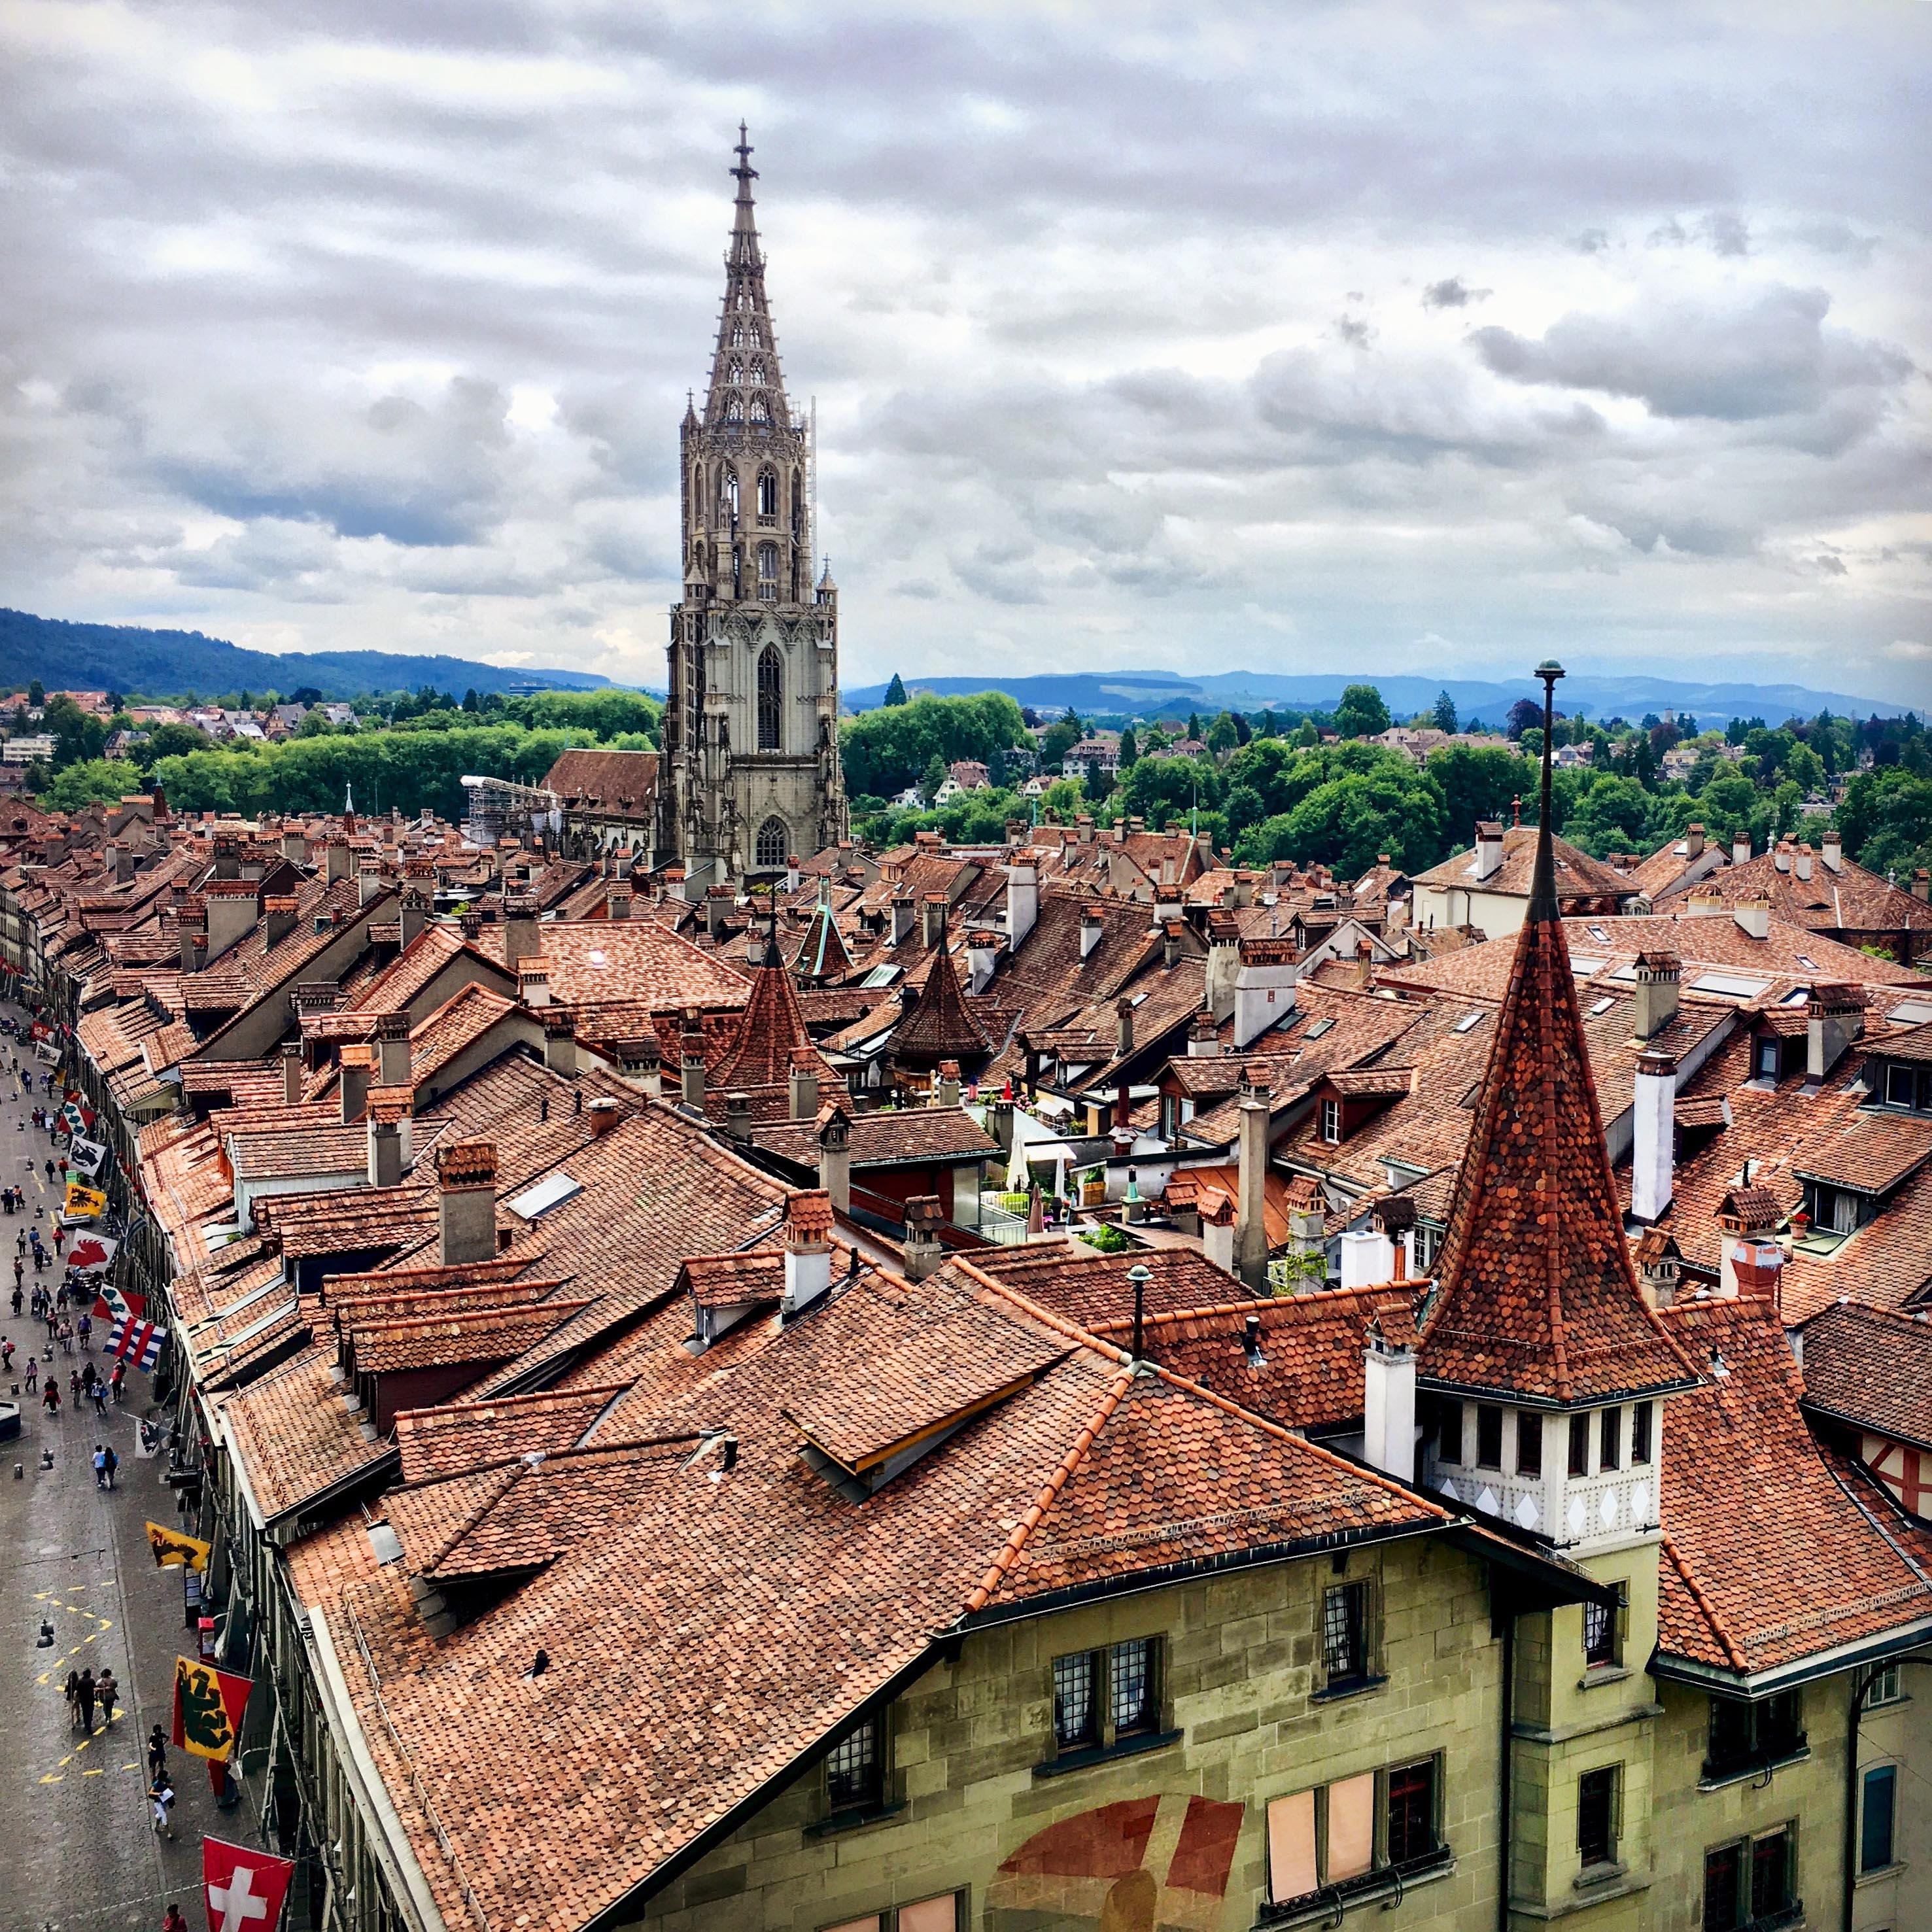 Les toits de Berne © L.Medina, Tourmag